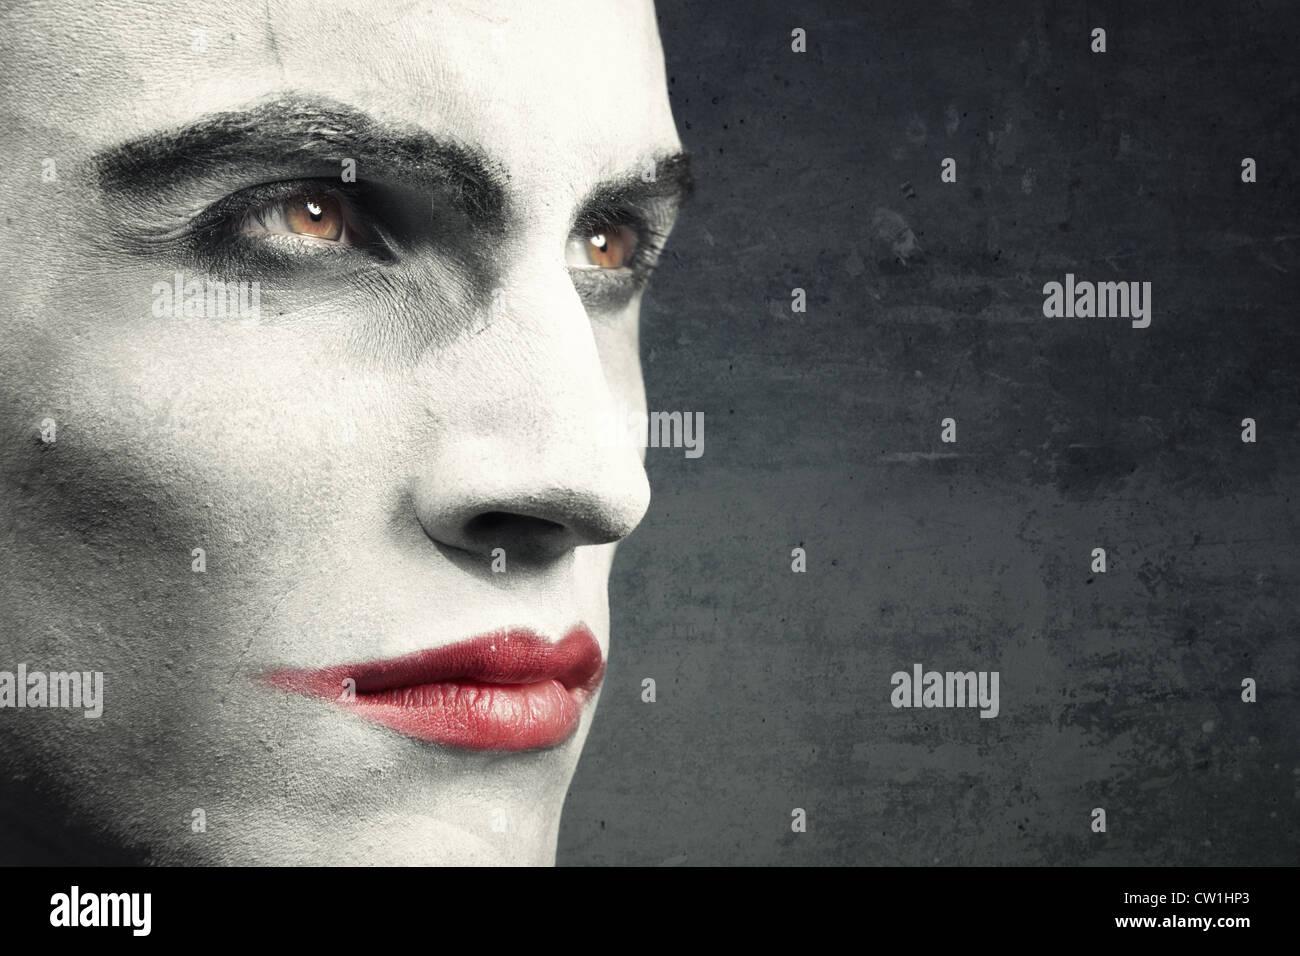 Avec l'homme vampire maquillage sur un arrière-plan foncé grungy. Maquillage naturel et historique. Photo Stock